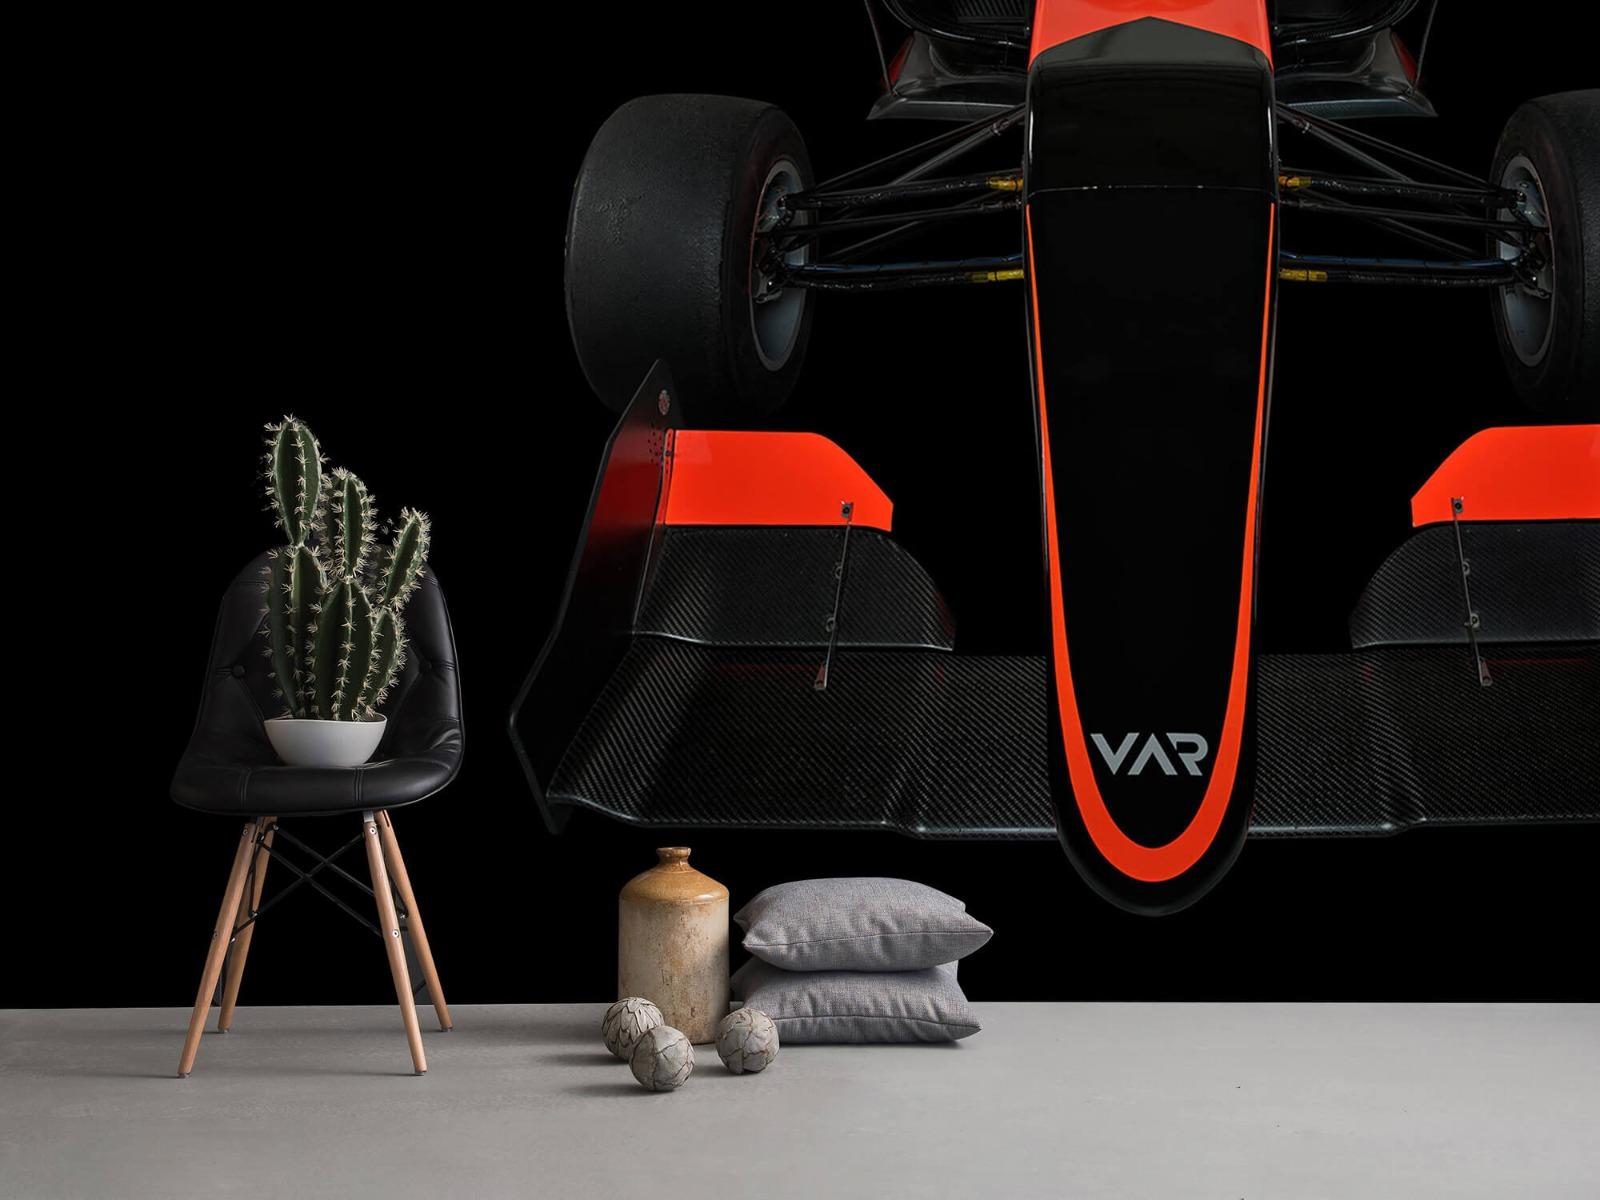 Sportauto's - Formule 3 - Front view - dark - Tienerkamer 14